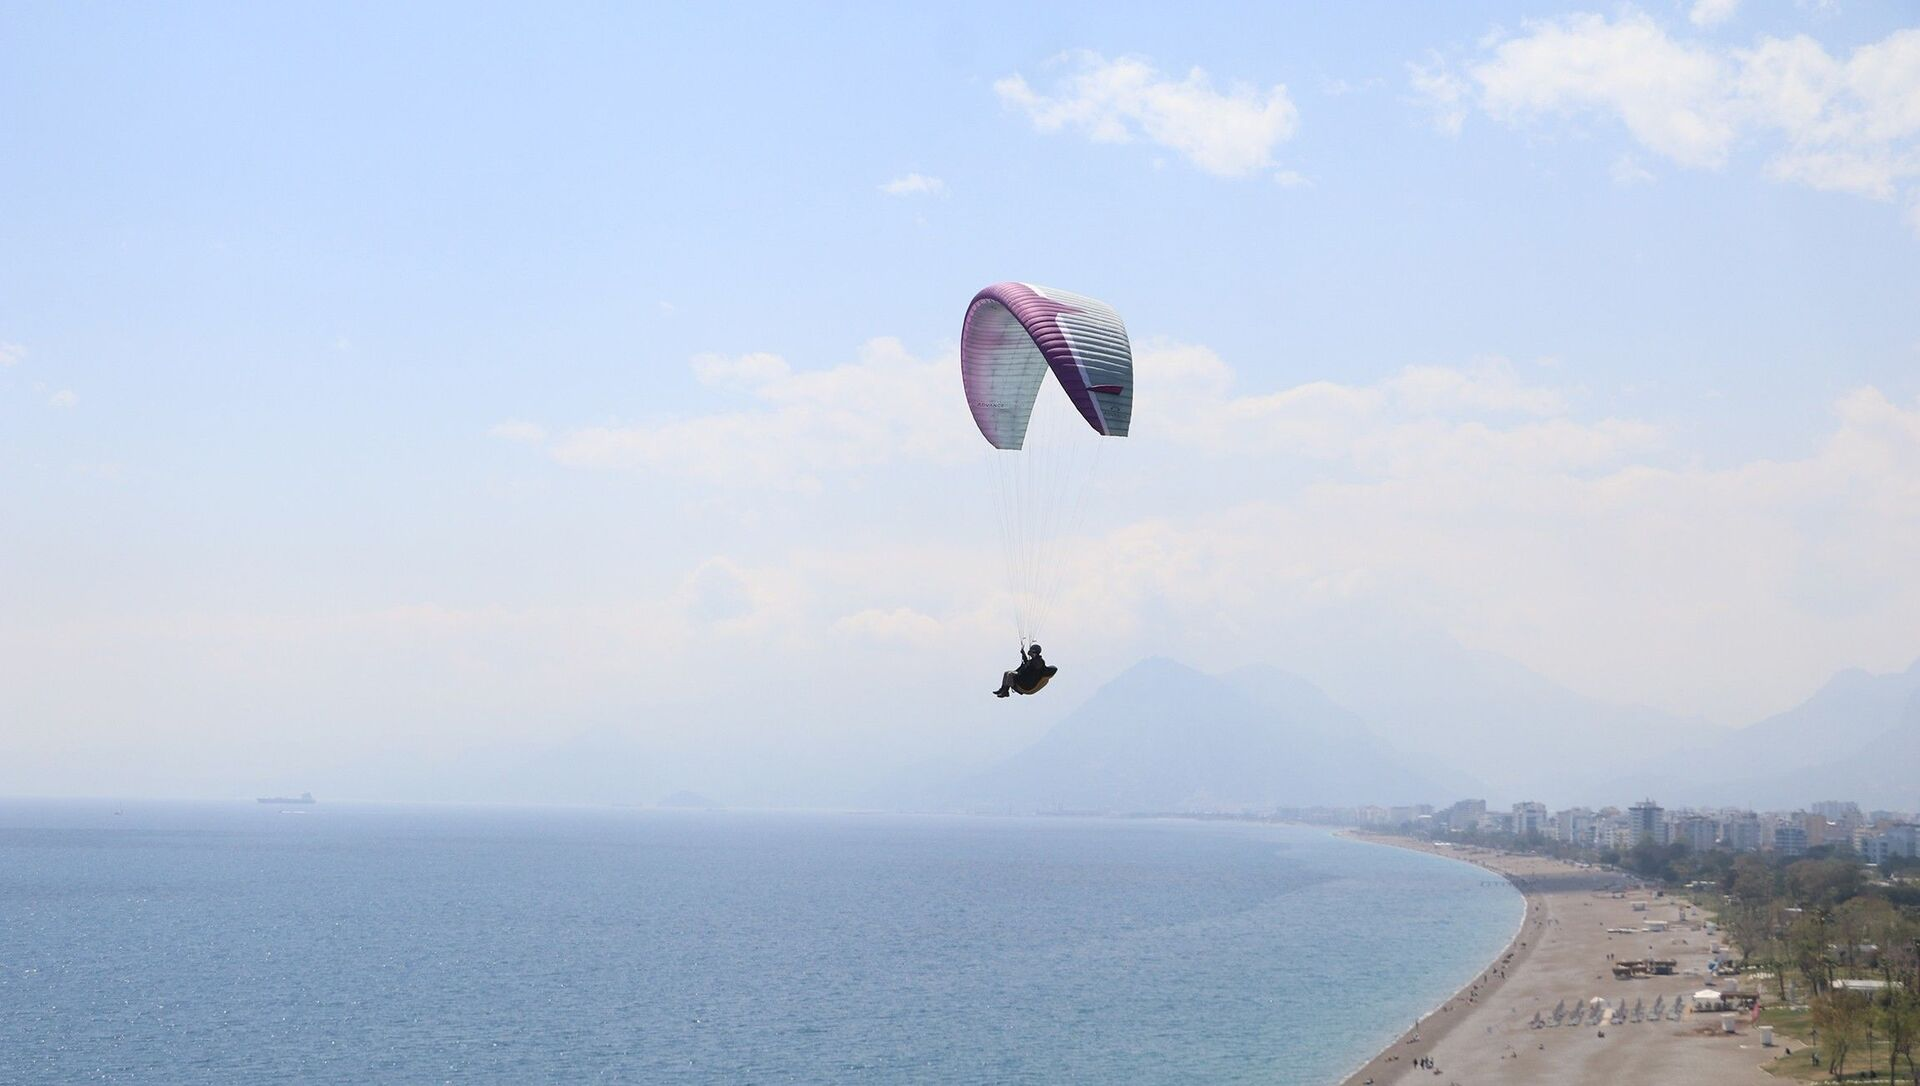 66 yaşındaki yamaç paraşütçüsü Ahmet İlter, Antalya - Sputnik Türkiye, 1920, 16.04.2021